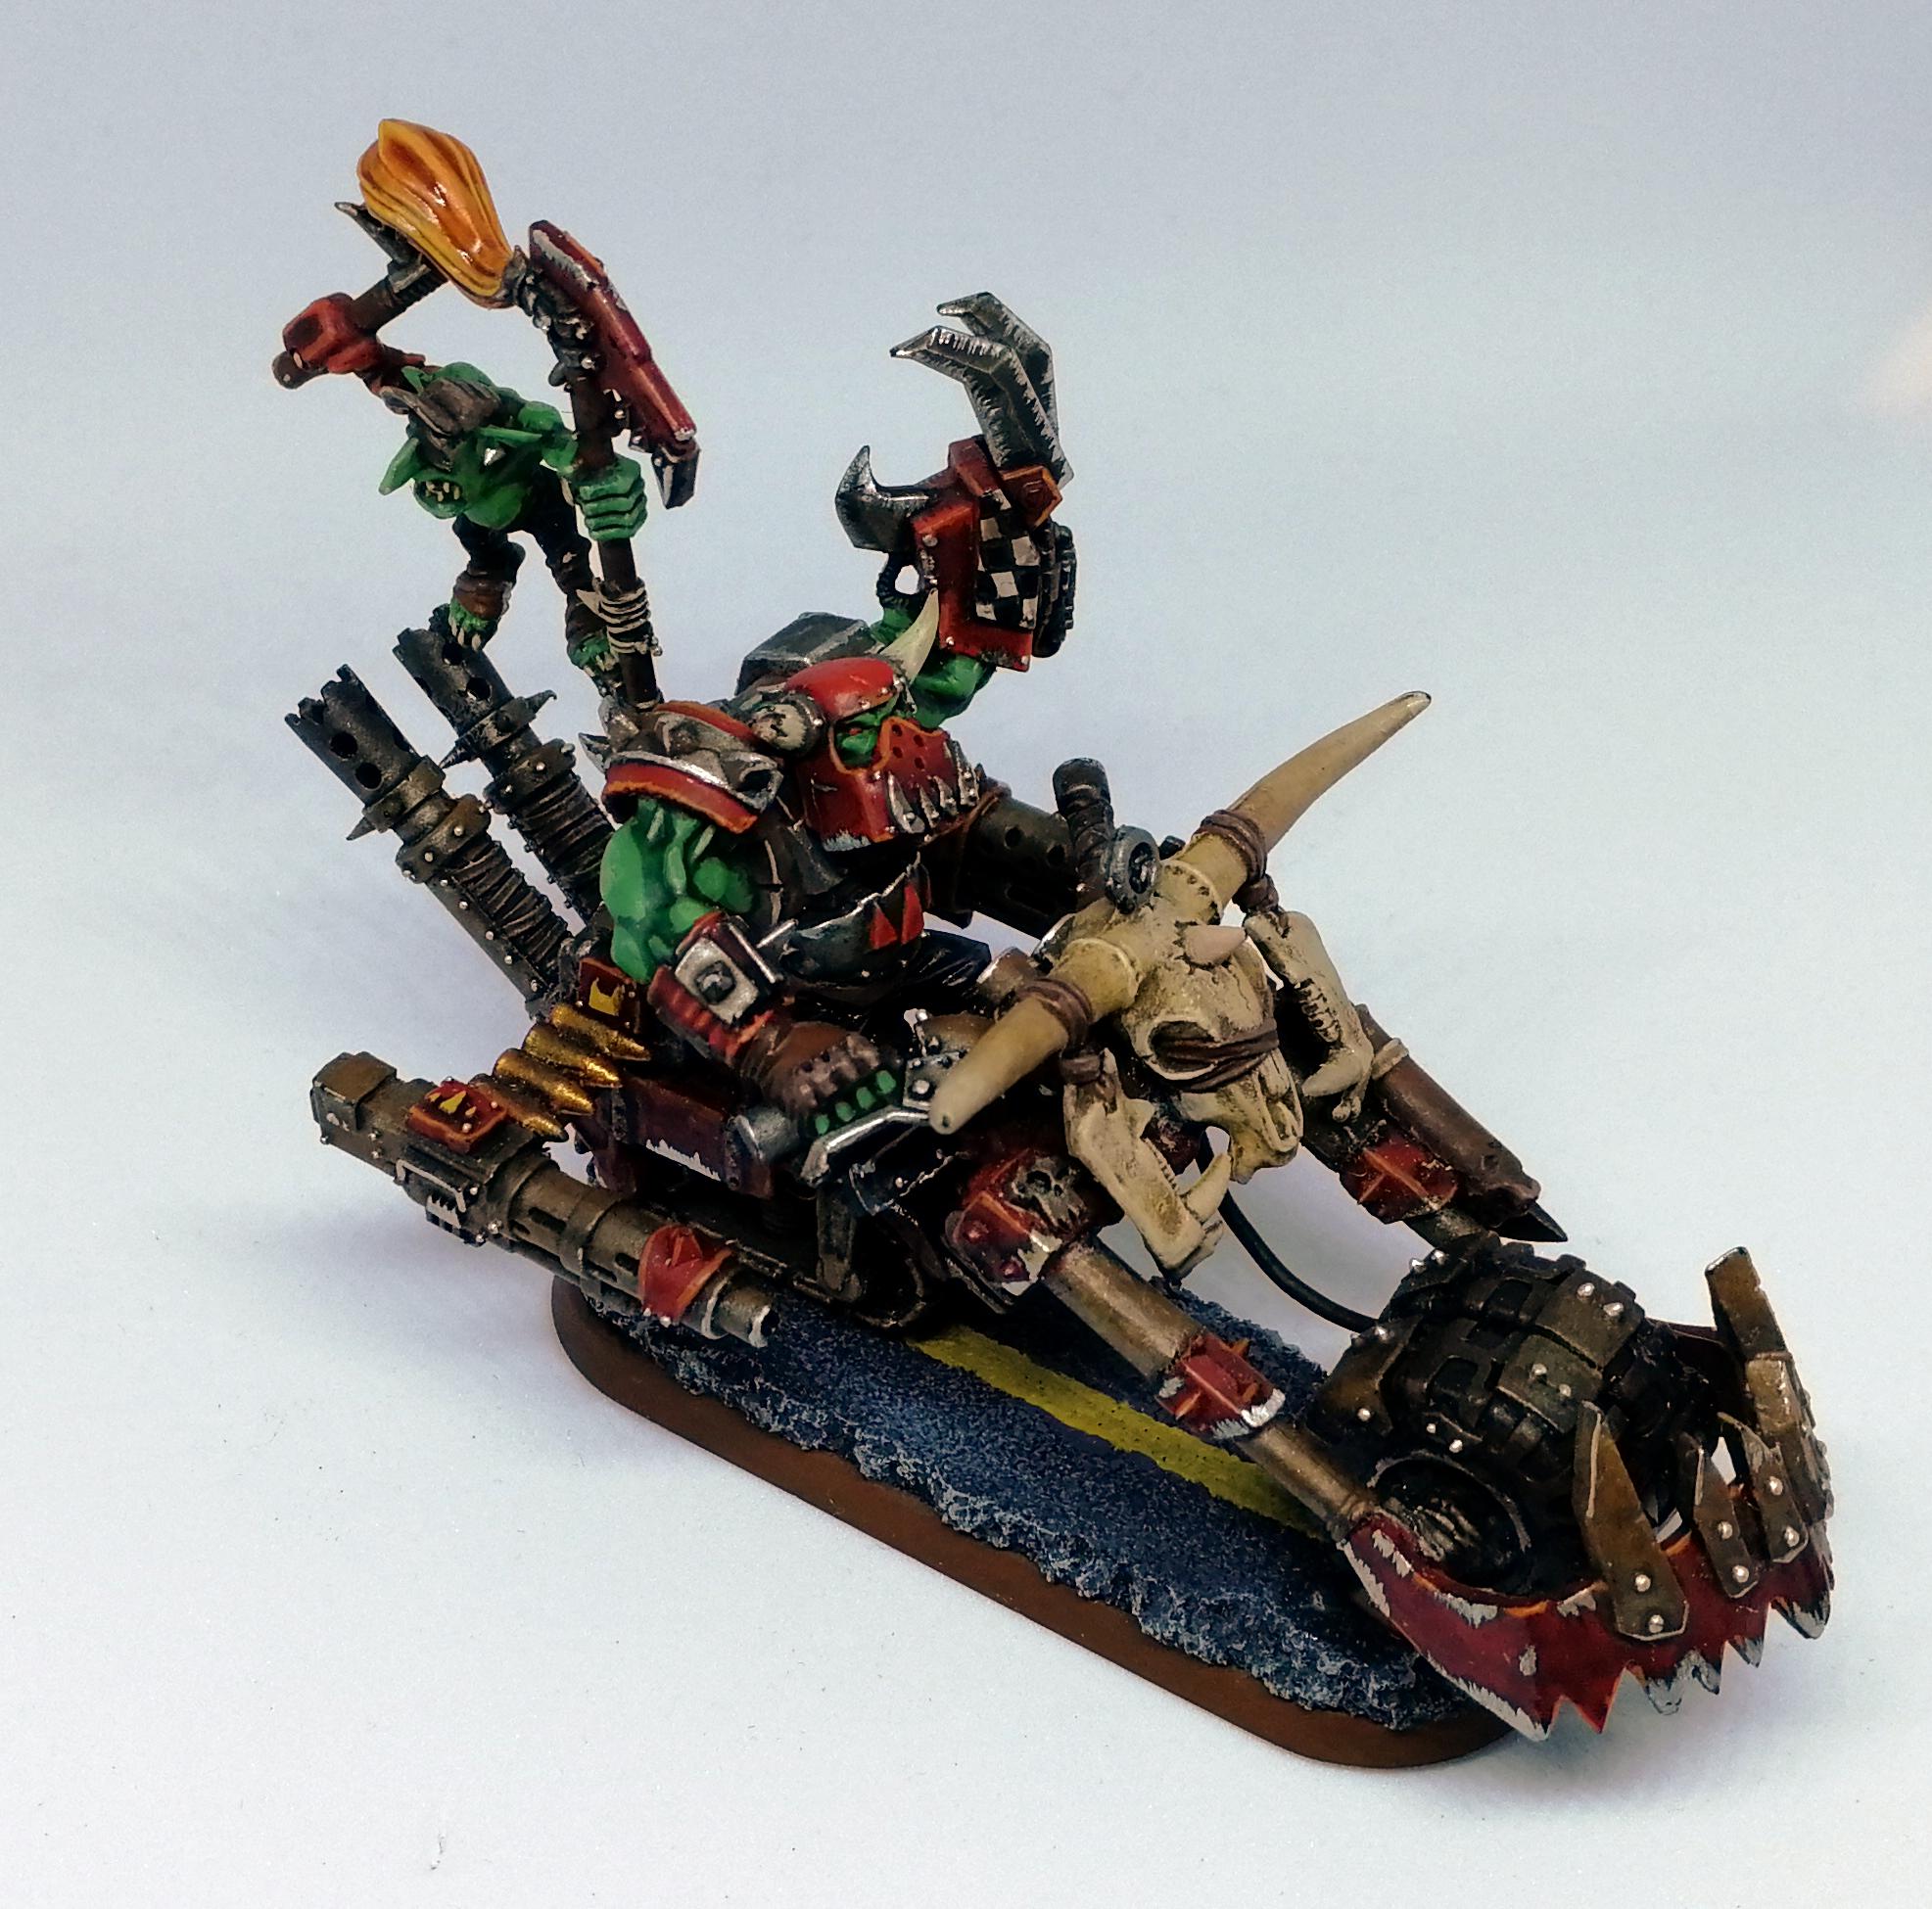 Bike, Evil Sunz, Fast, Orks, Speedfreeks, Waaagh!, Warbike, Warboss, Warhammer 40,000